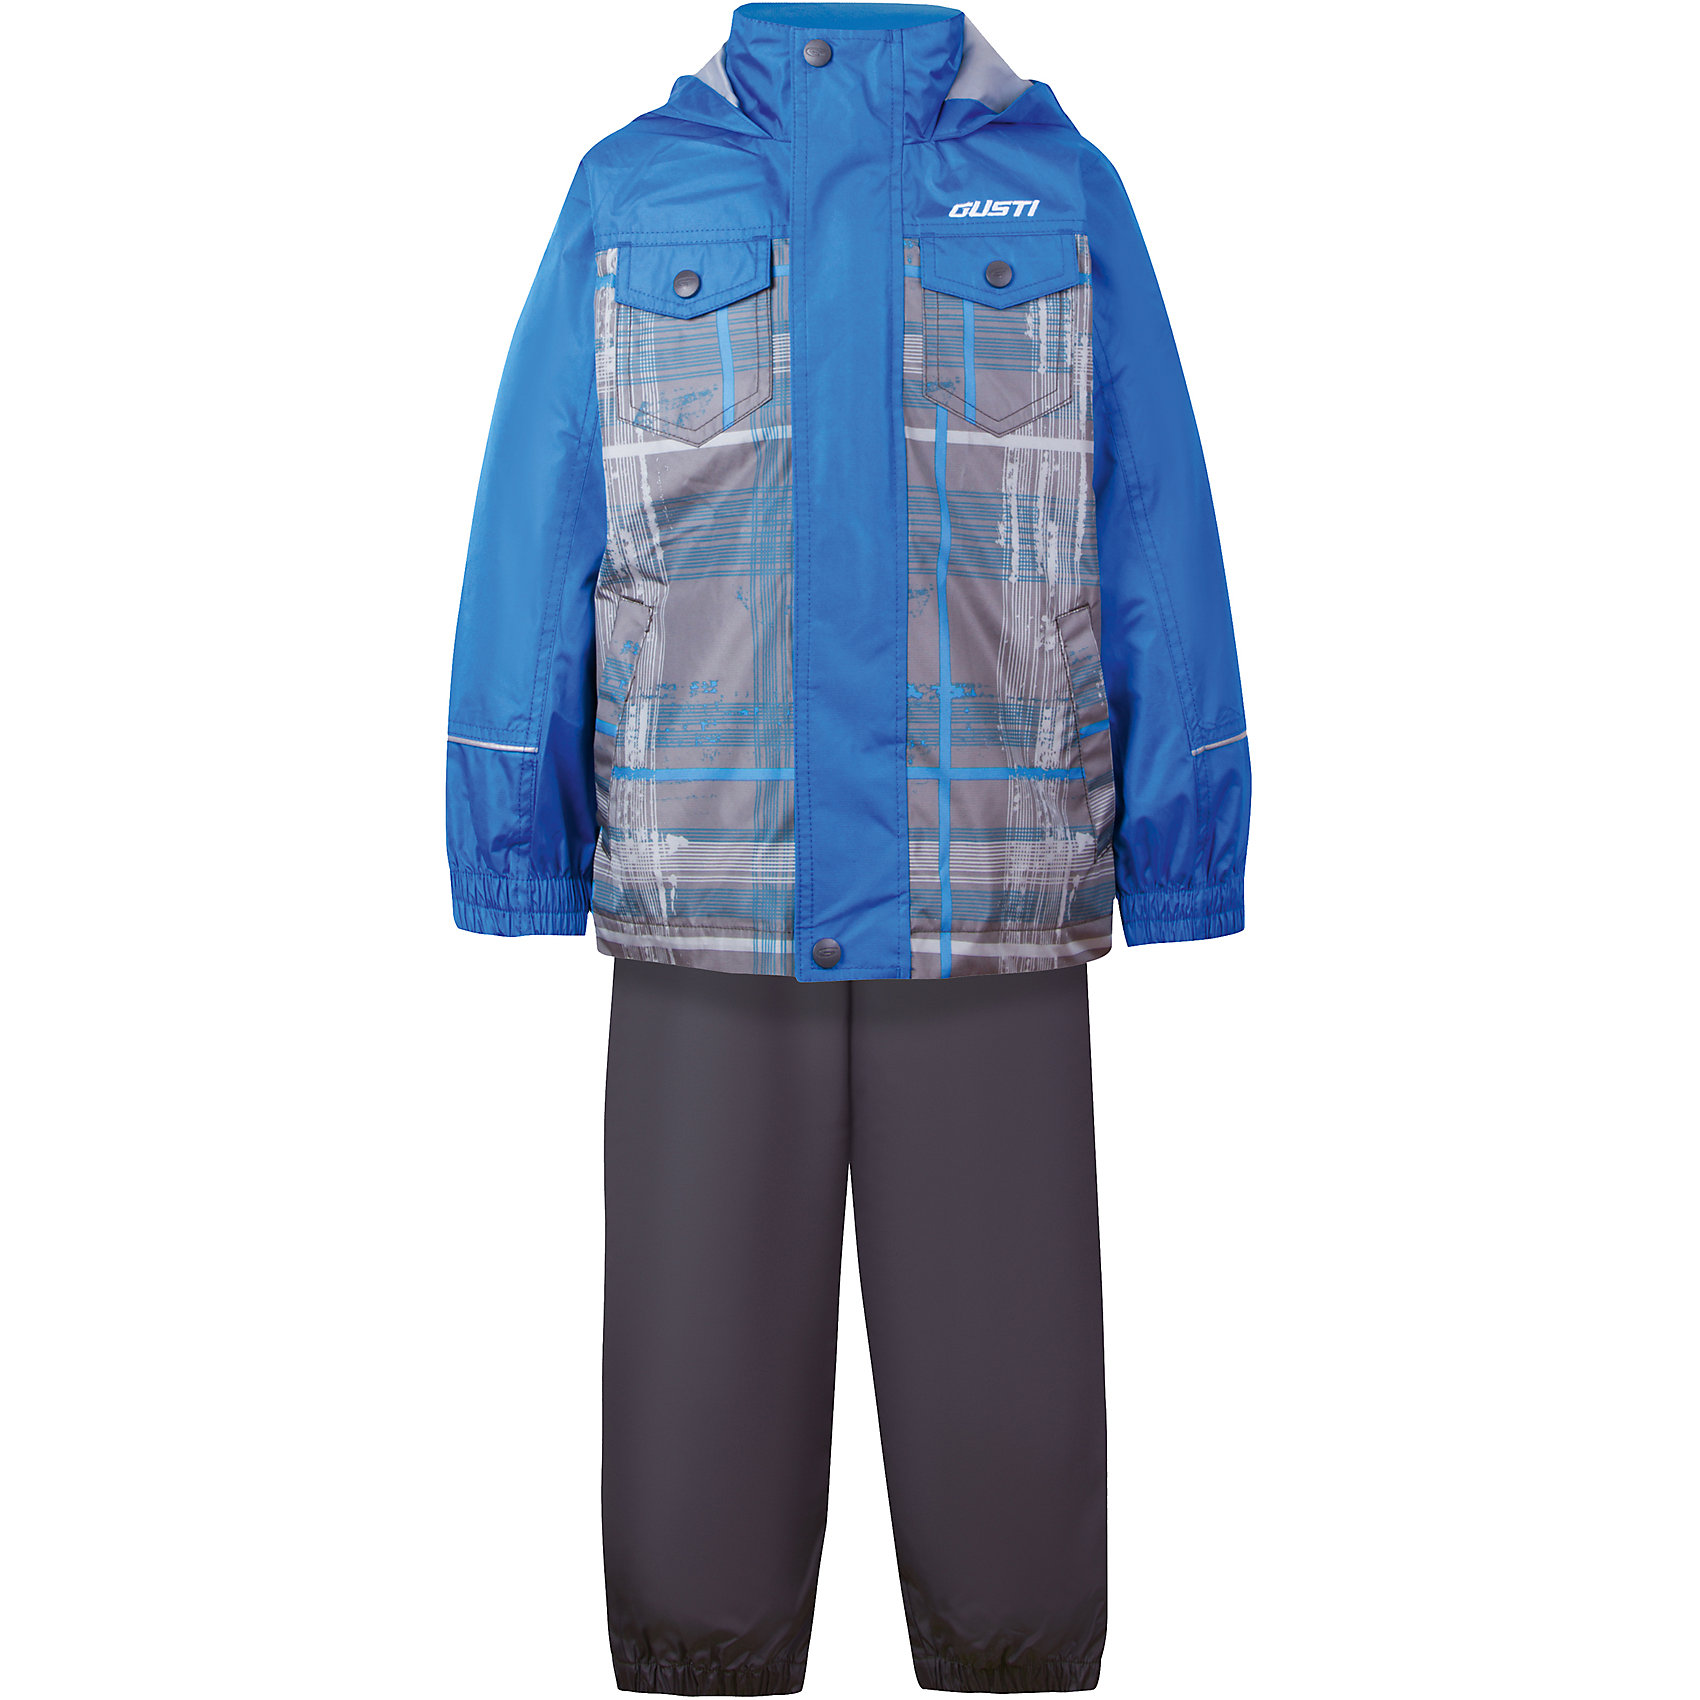 Комплект: куртка, толстовка и брюки для мальчика GustiКомплект: куртка, толстовка и брюки для мальчика от известного бренда Gusti.<br>Ткань верха куртки– Таслан ( Taslan )- мембрана с коэффициентом водонепроницаемости 2000 мм и коэффициентом паропроницаемости 2000 г/м2, одежда ветронепродуваемая. Благодаря тонкому полиуретановому напылению изнутри не промокает даже при сильной влаге, но при этом дышит (защита от влаги не препятствует циркуляции воздуха). Плотность ткани Т190 обеспечивает высокую износостойкость. Толстовка – высокотехнологичный флис COOLQUICK. Специальное кручение нитей позволяет ткани максимально впитывать влагу и увеличивать испаряемость с поверхности, т.е. выпустить пар, но не пропускает влагу снаружи, что обеспечивает комфорт даже при высоких физических нагрузках. Этот материал ранее был разработан специально для спортсменов, которые испытывали сильные нагрузки во время активного движения, а теперь принес комфорт и тепло в нашу повседневную жизнь.  Это особенно важно для детей, когда они гуляют на свежем воздухе , чтобы тело всегда оставалось сухим и теплым. Брюки - ткань верха: Таслан ( Taslan )- мембрана с коэффициентом водонепроницаемости 2000 мм и коэффициентом паропроницаемости 2000 г/м2, одежда ветронепродуваемая. Благодаря тонкому полиуретановому напылению изнутри не промокает даже при сильной влаге, но при этом дышит (защита от влаги не препятствует циркуляции воздуха). Плотность ткани Т190 обеспечивает высокую износостойкость. Подкладка 100%  х/б.<br>Состав:<br>Куртка: 100% полиэстер.  Толстовка: 100% полиэстер.  Брюки: верх 100% полиэстер, подкладка 100% х/б.<br><br>Ширина мм: 356<br>Глубина мм: 10<br>Высота мм: 245<br>Вес г: 519<br>Цвет: синий<br>Возраст от месяцев: 12<br>Возраст до месяцев: 15<br>Пол: Мужской<br>Возраст: Детский<br>Размер: 80,152,86,90,92,98,100,104,110,116,120,122,128,140<br>SKU: 5452374